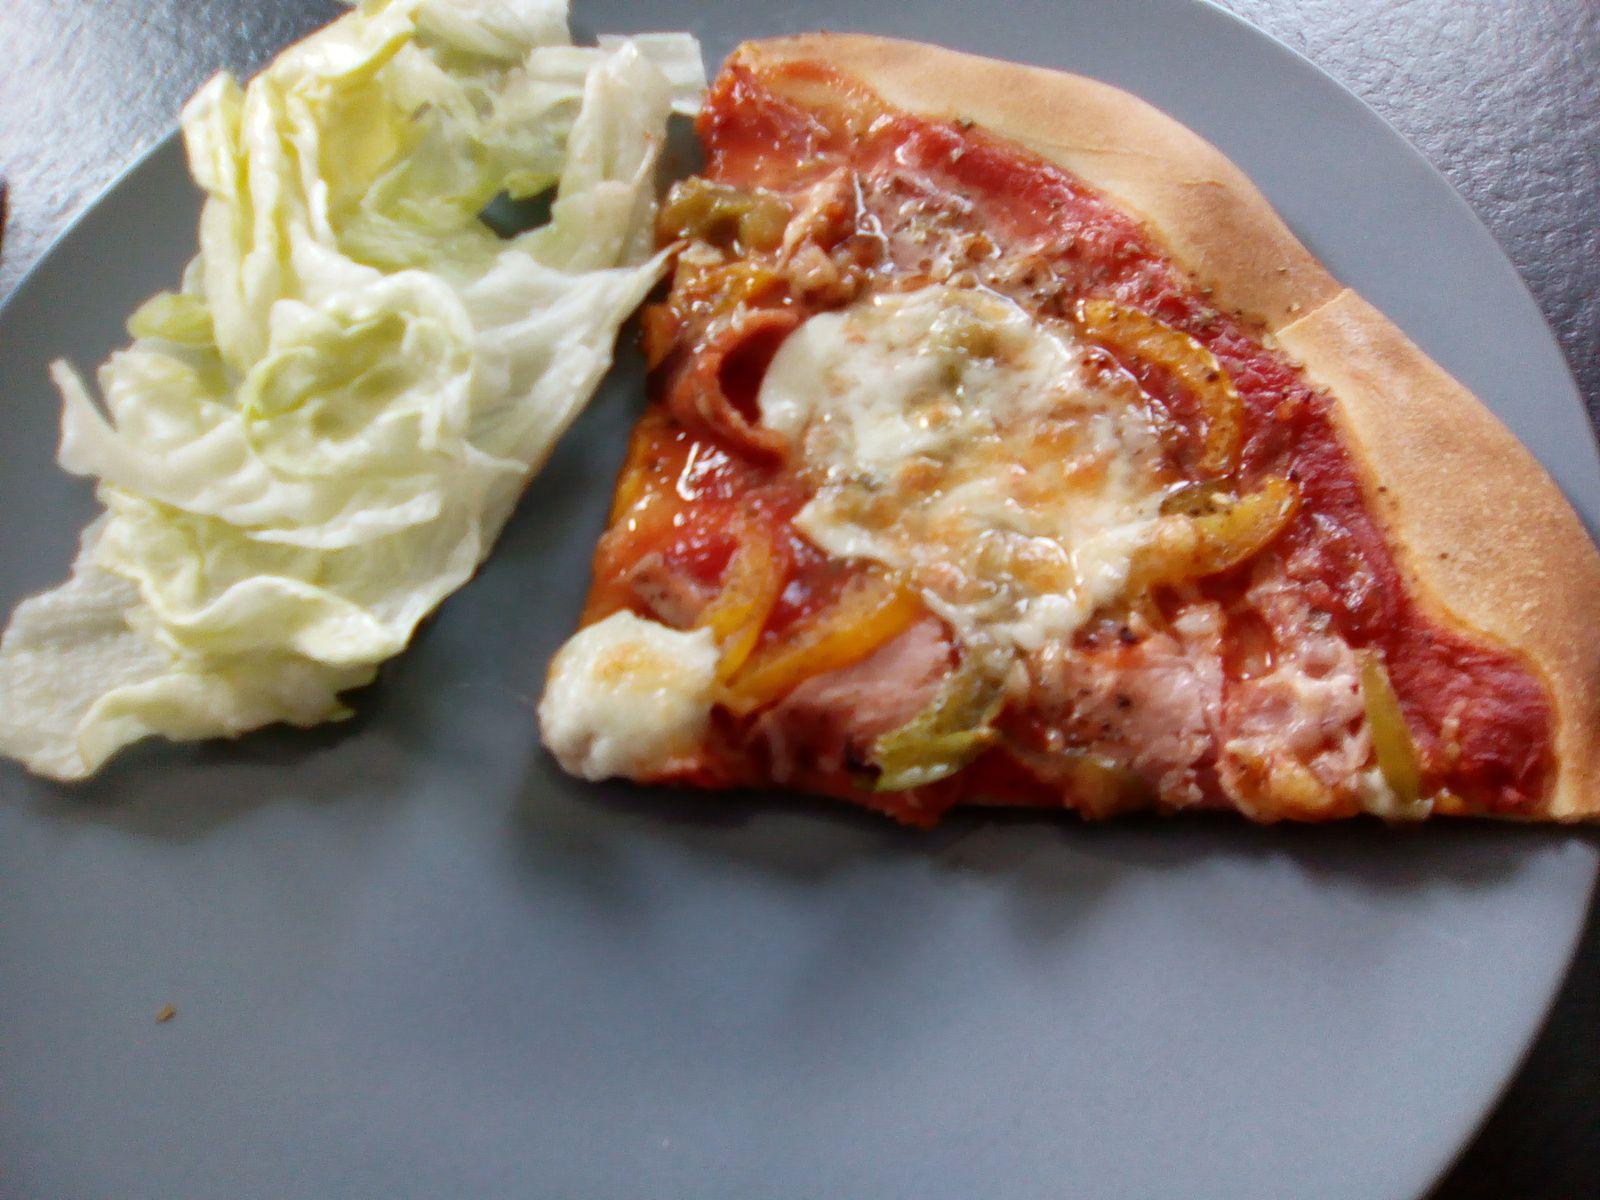 Recette de pizza jambon tomates mozarella (au companion ou pas)